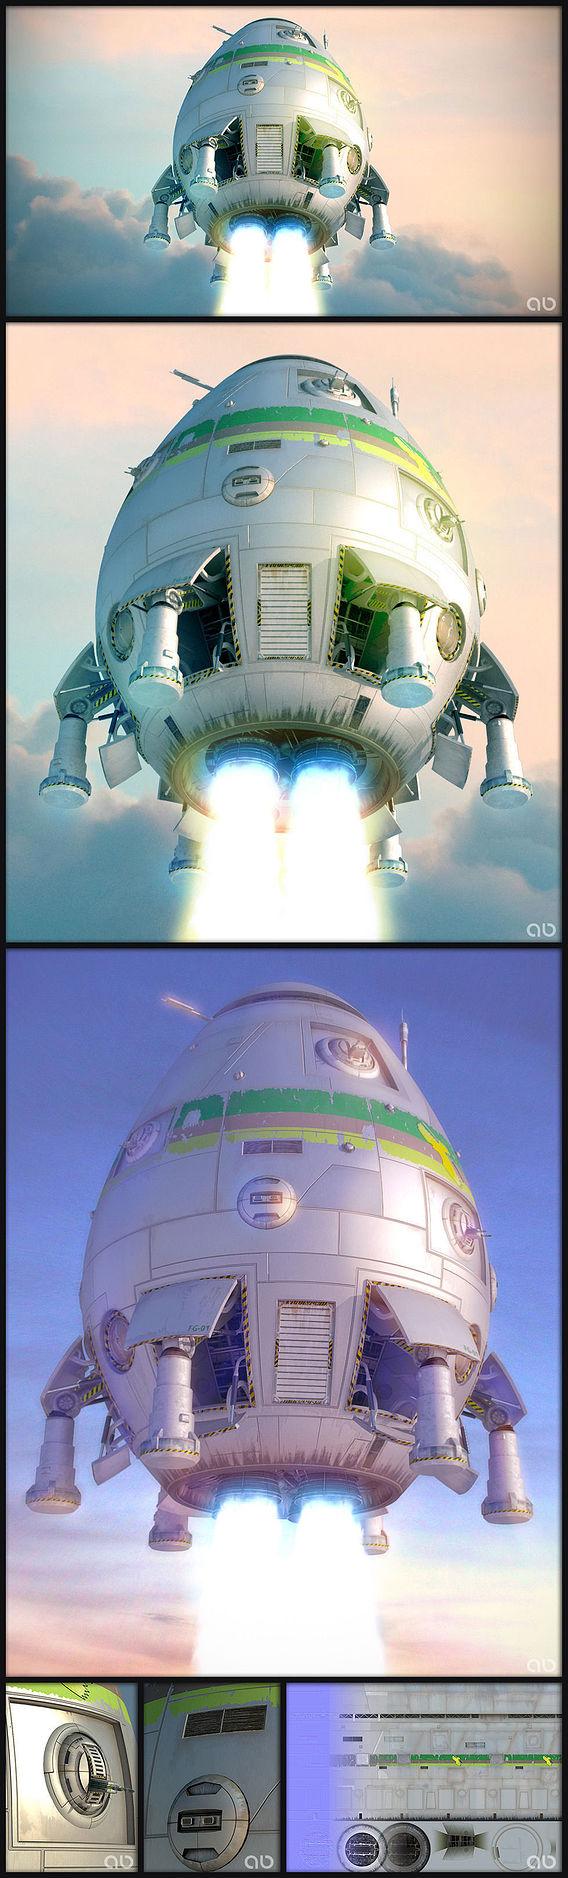 Overlord-class shuttle. Battletech universe.